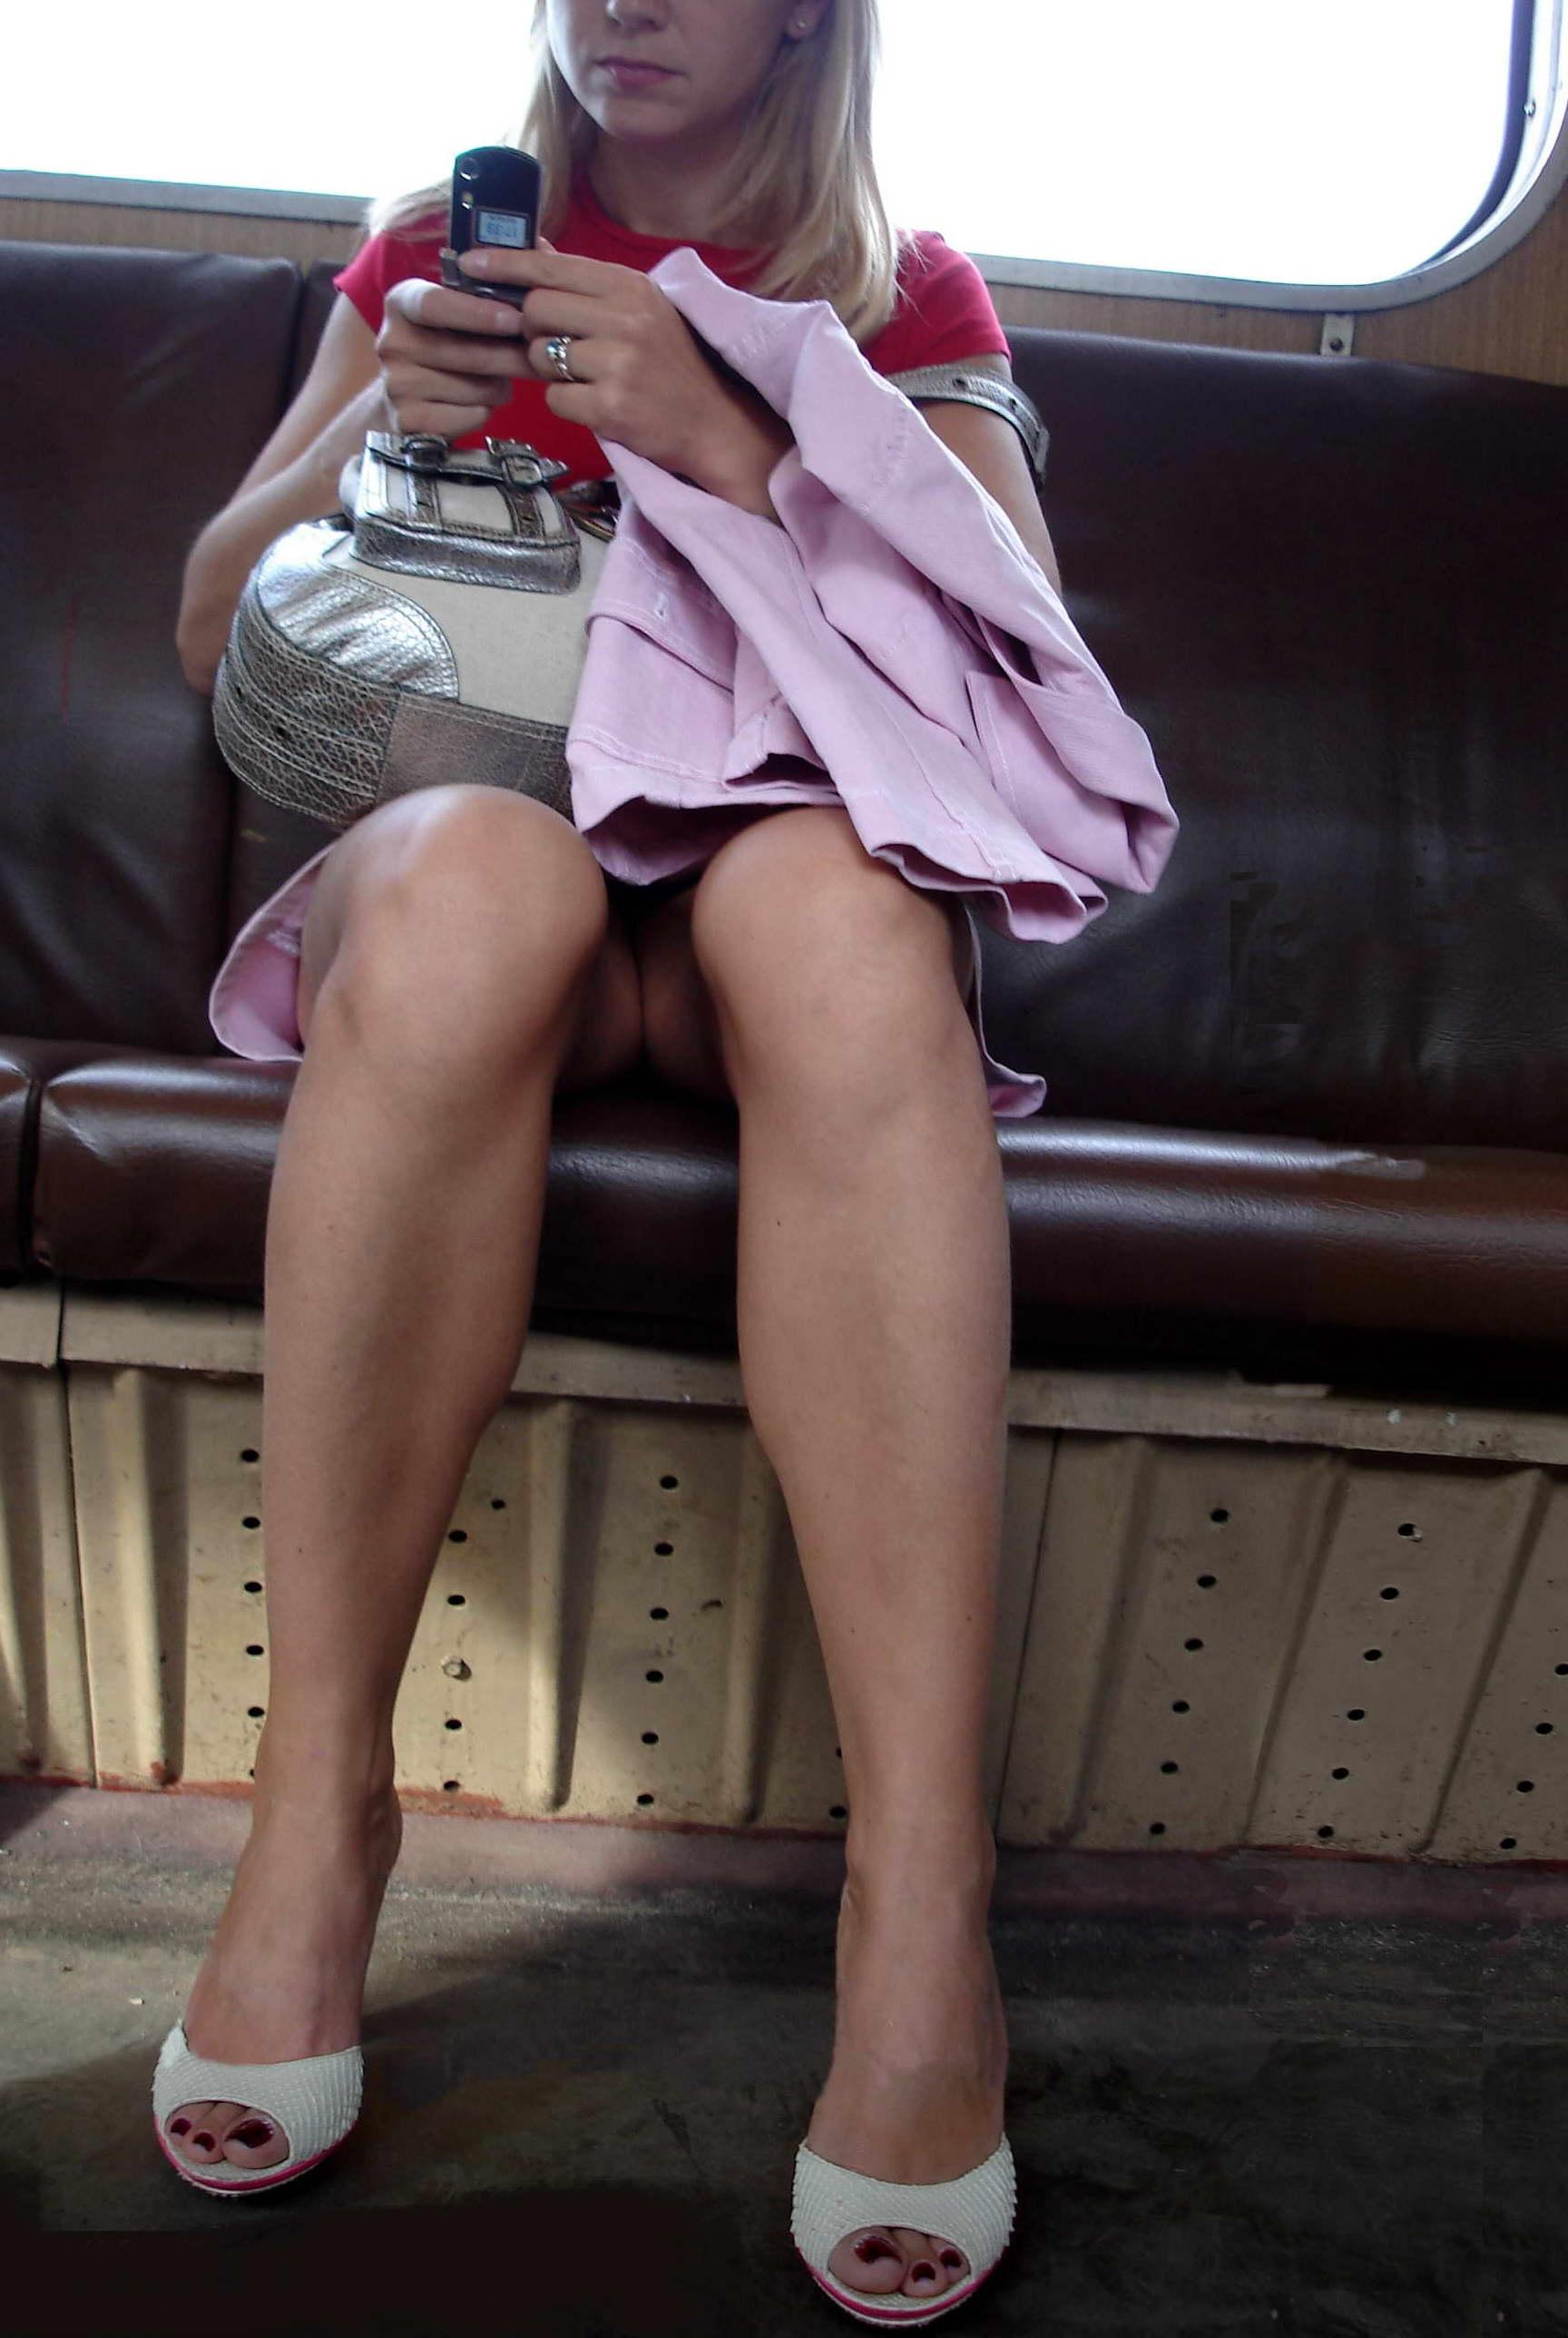 Фото сидящих женщин в коротких юбках 10 фотография